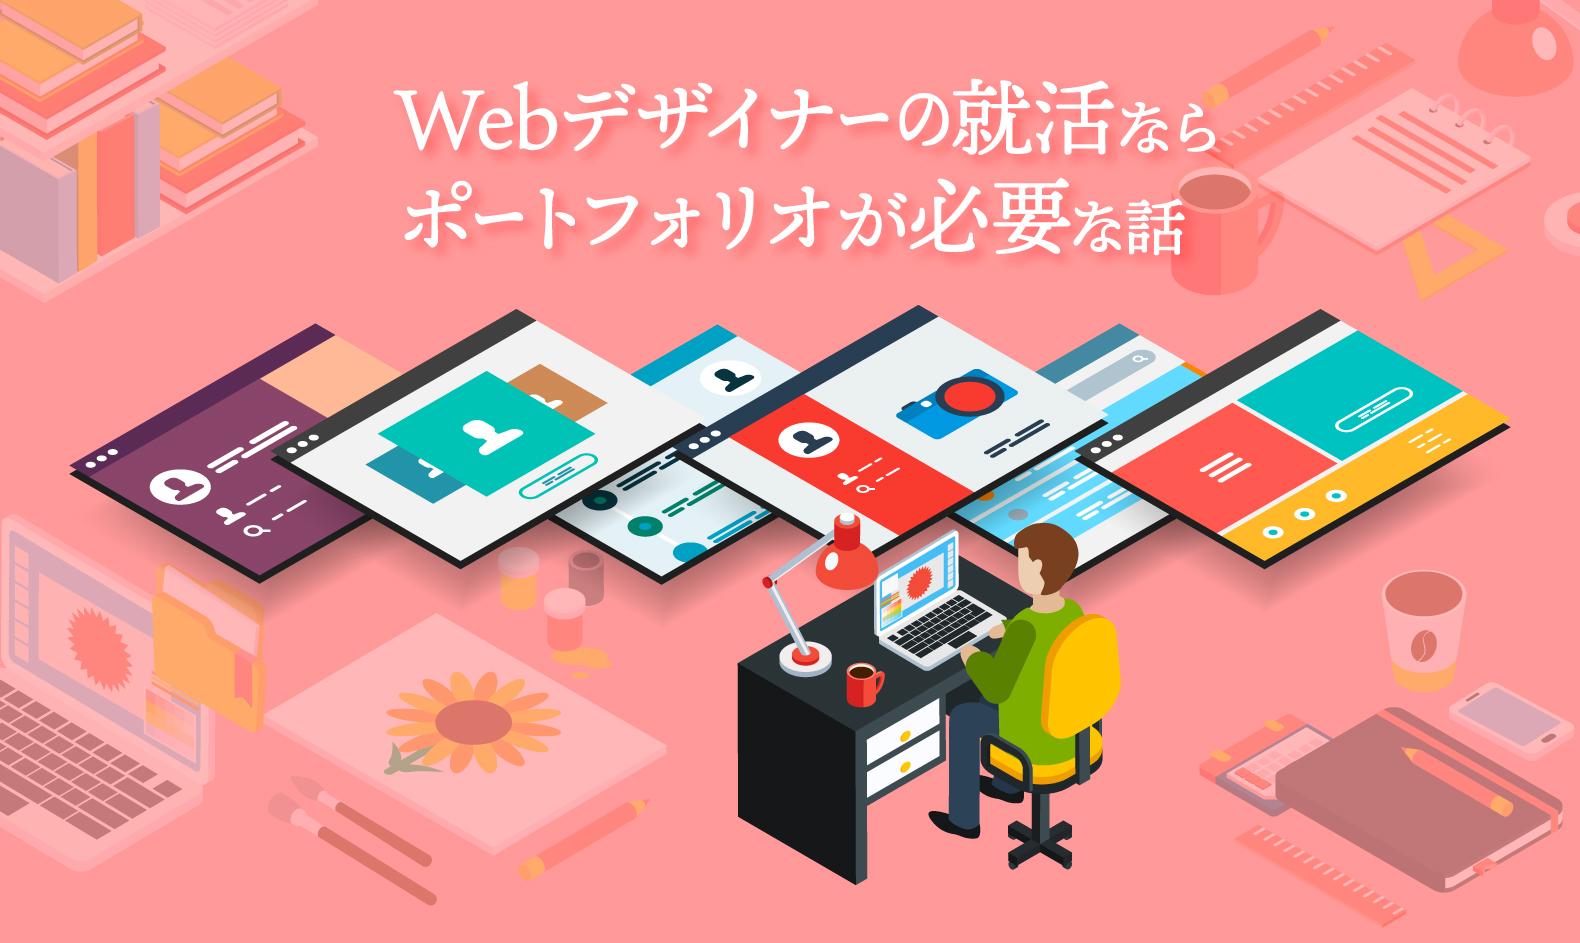 「ポートフォリオを作りたいけど作れない……」で終わらないで!Webデザイナーの転職・就職の話